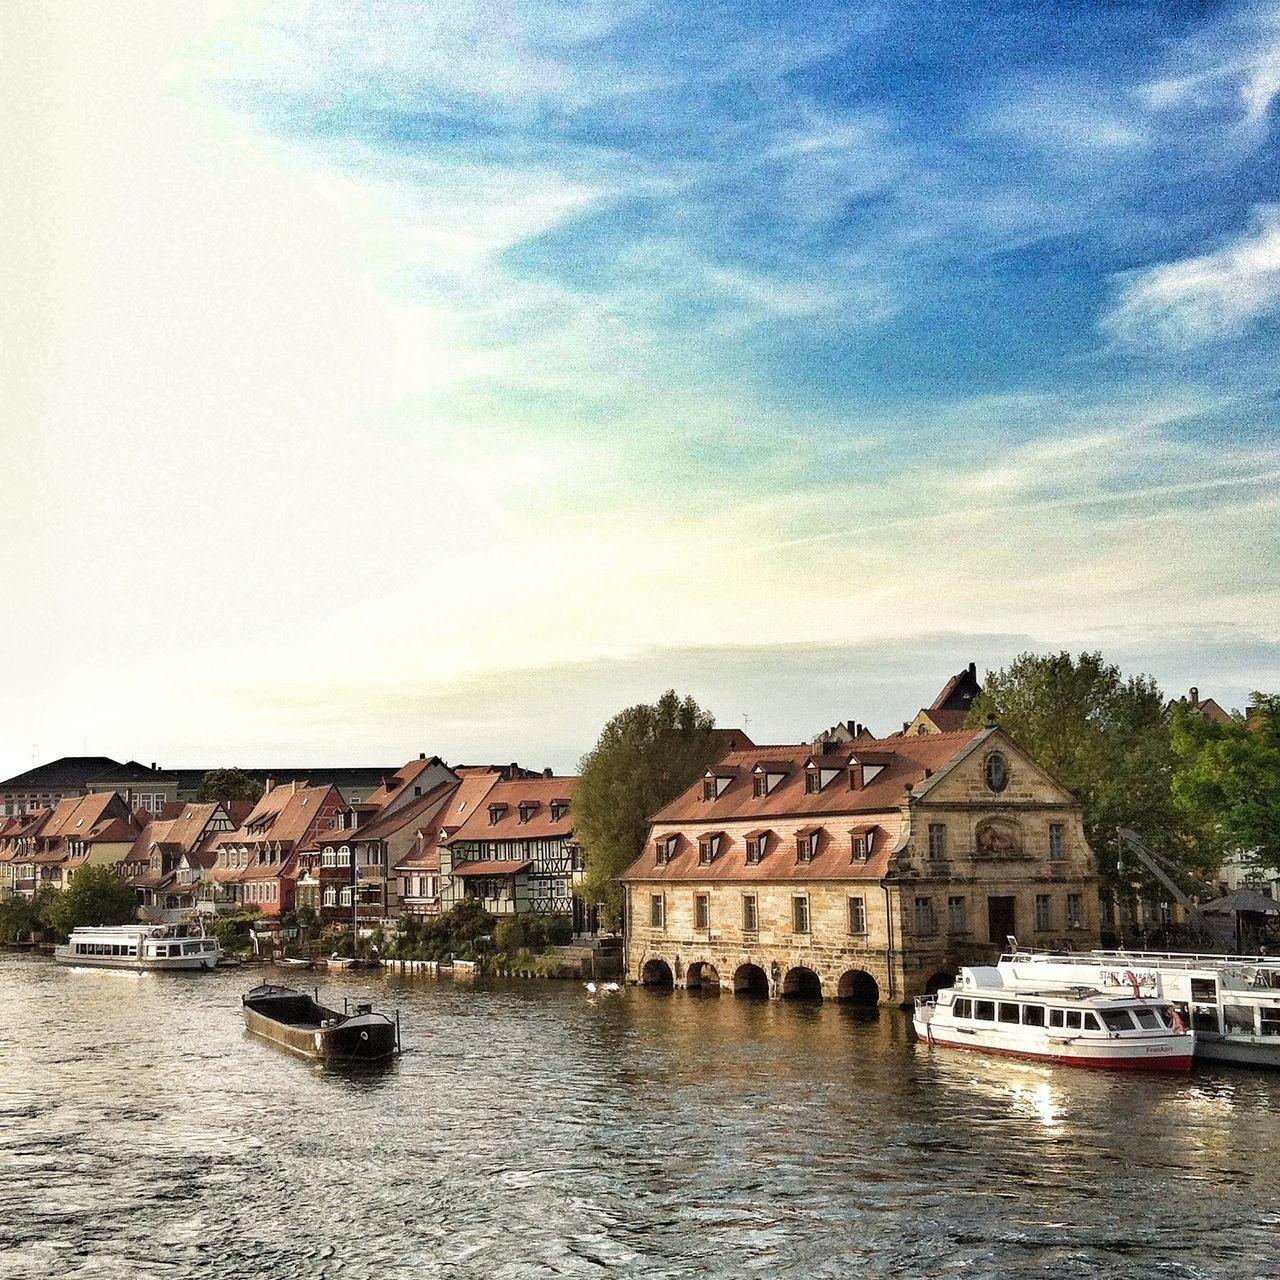 Waterfront Am Kranen & Klein-Venedig at the River Regnitz